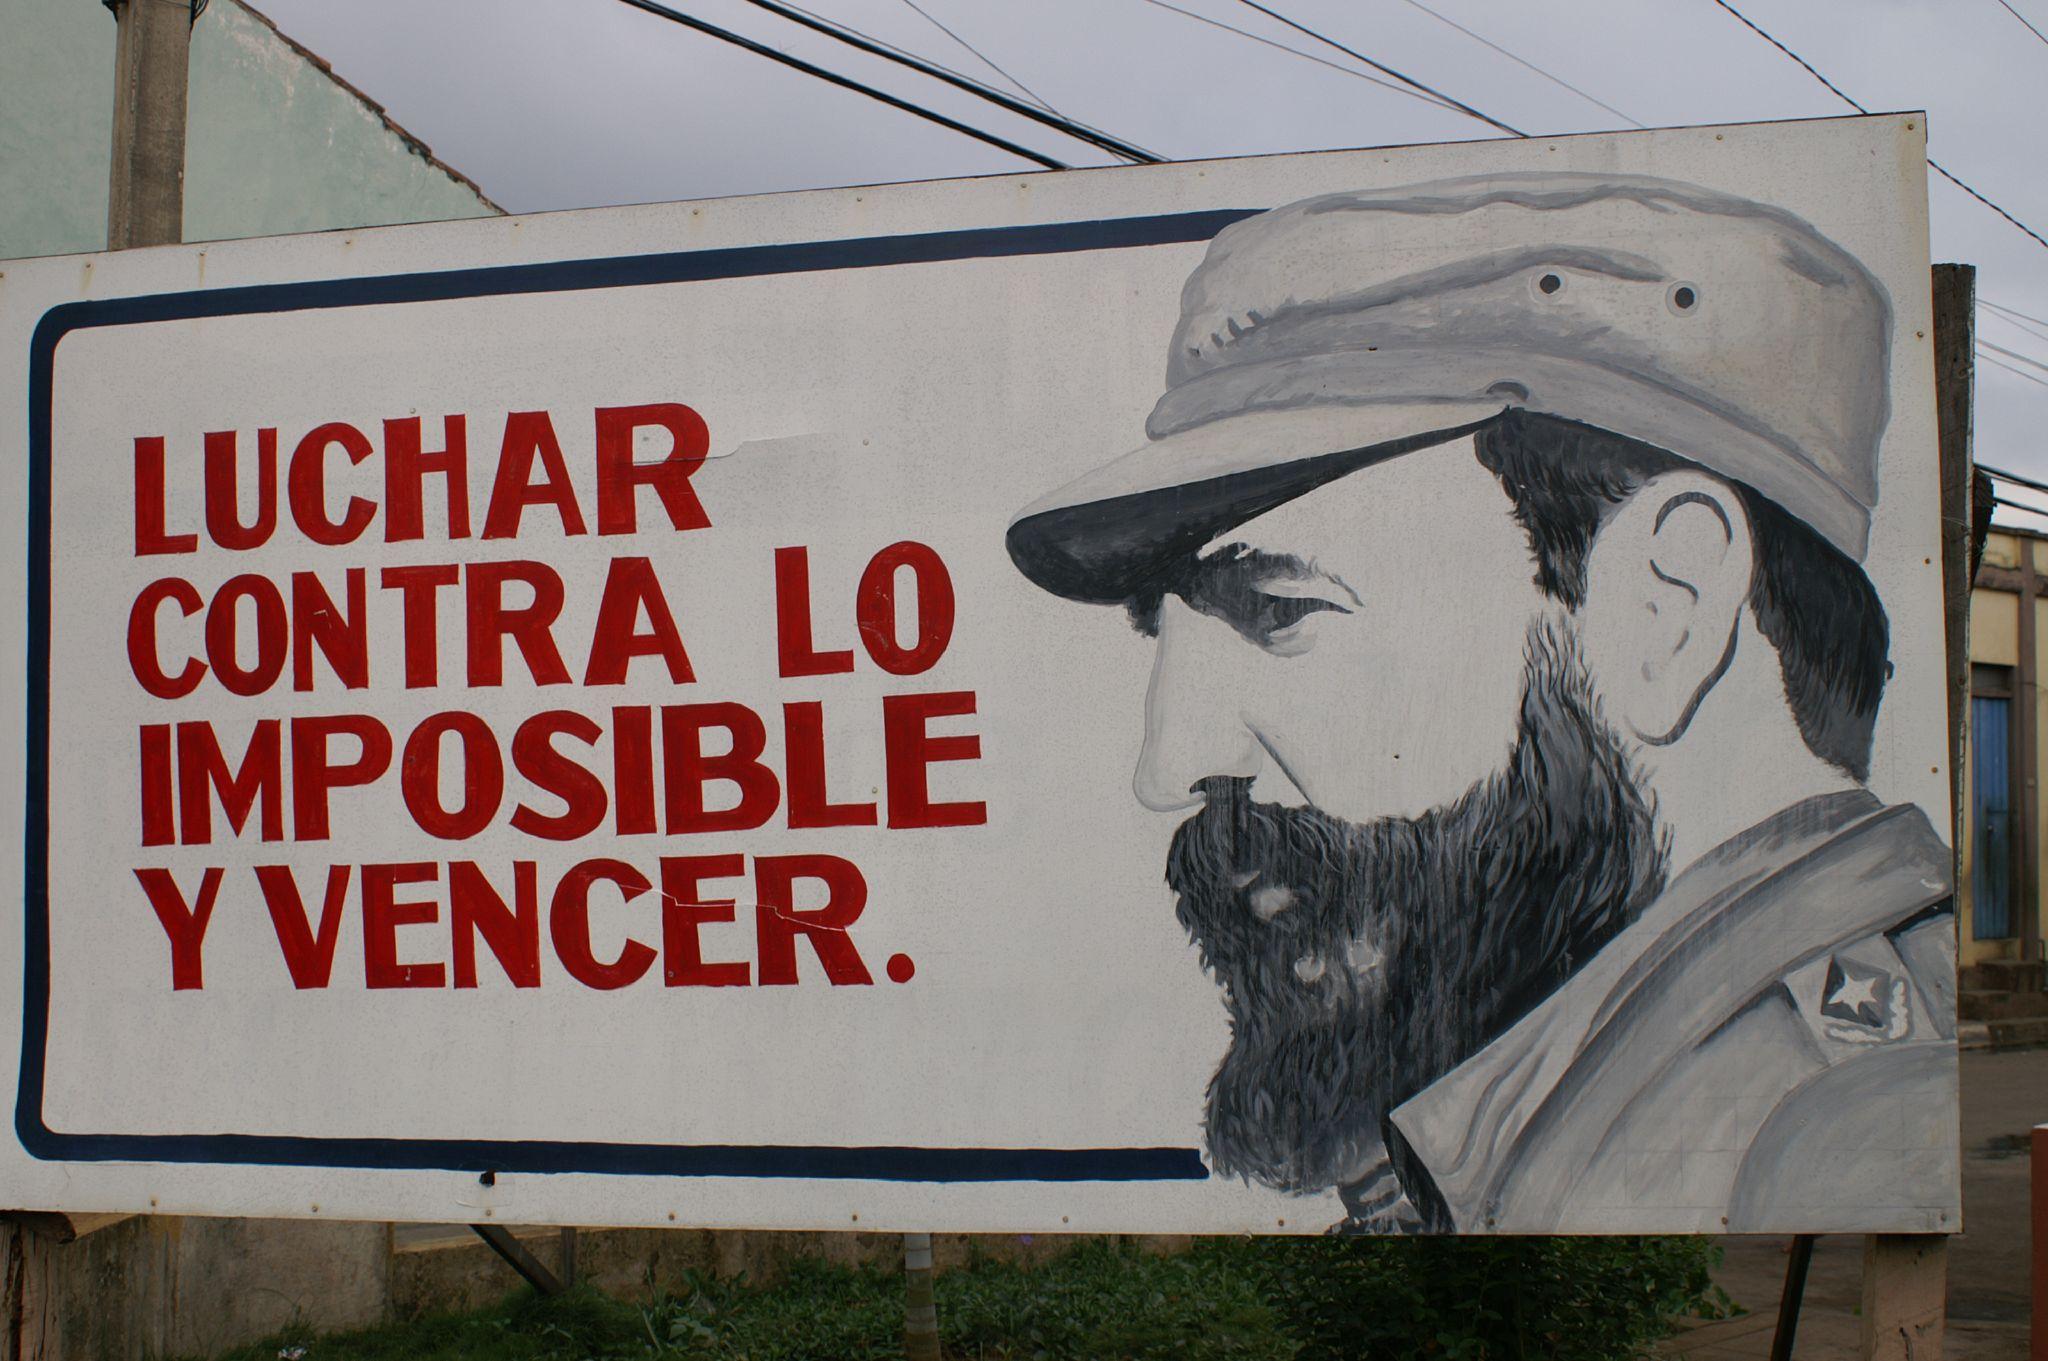 Fidel se retira del poder en 2008 por problemas de salud. En la imagen, uno de los carteles cubanos de propaganda.